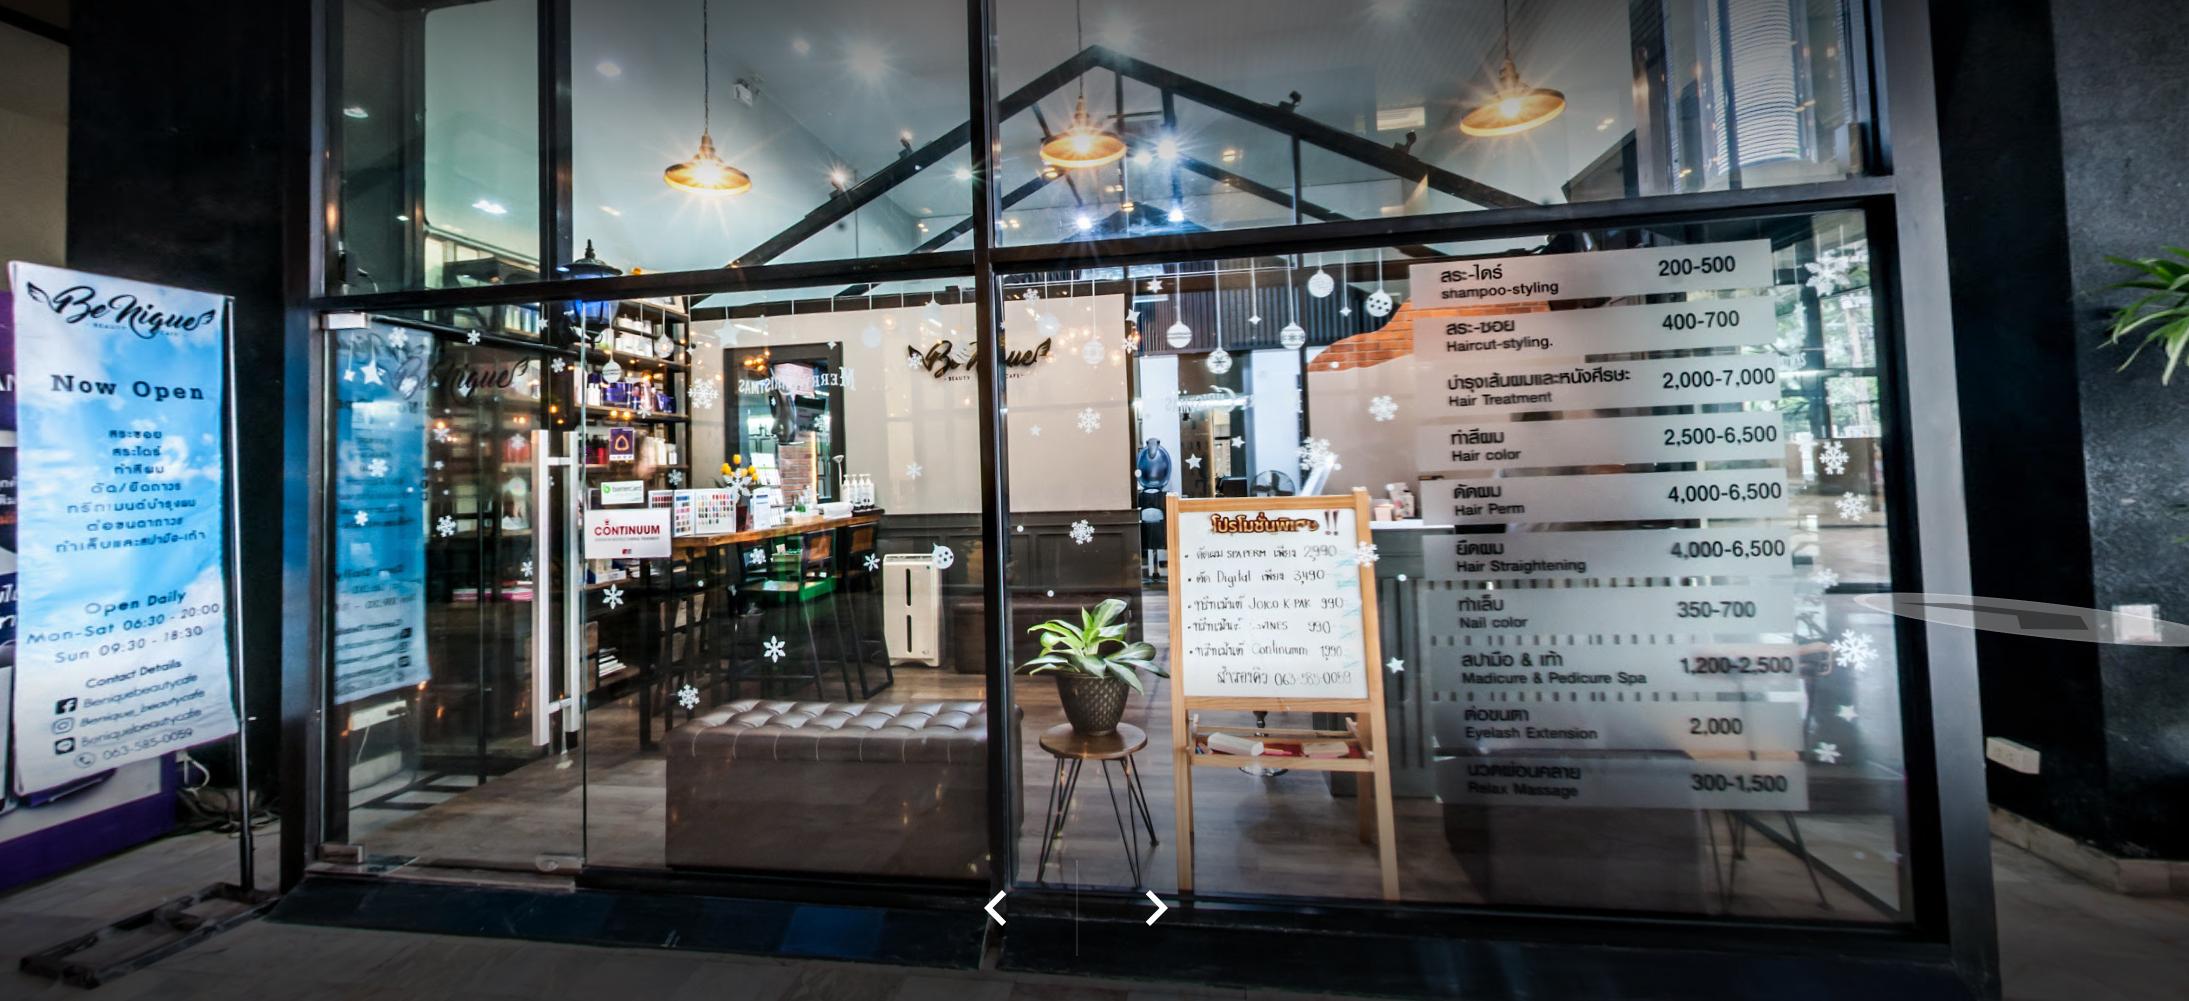 ร้านเสริมสวยชิดลม Benique Beauty Cafe